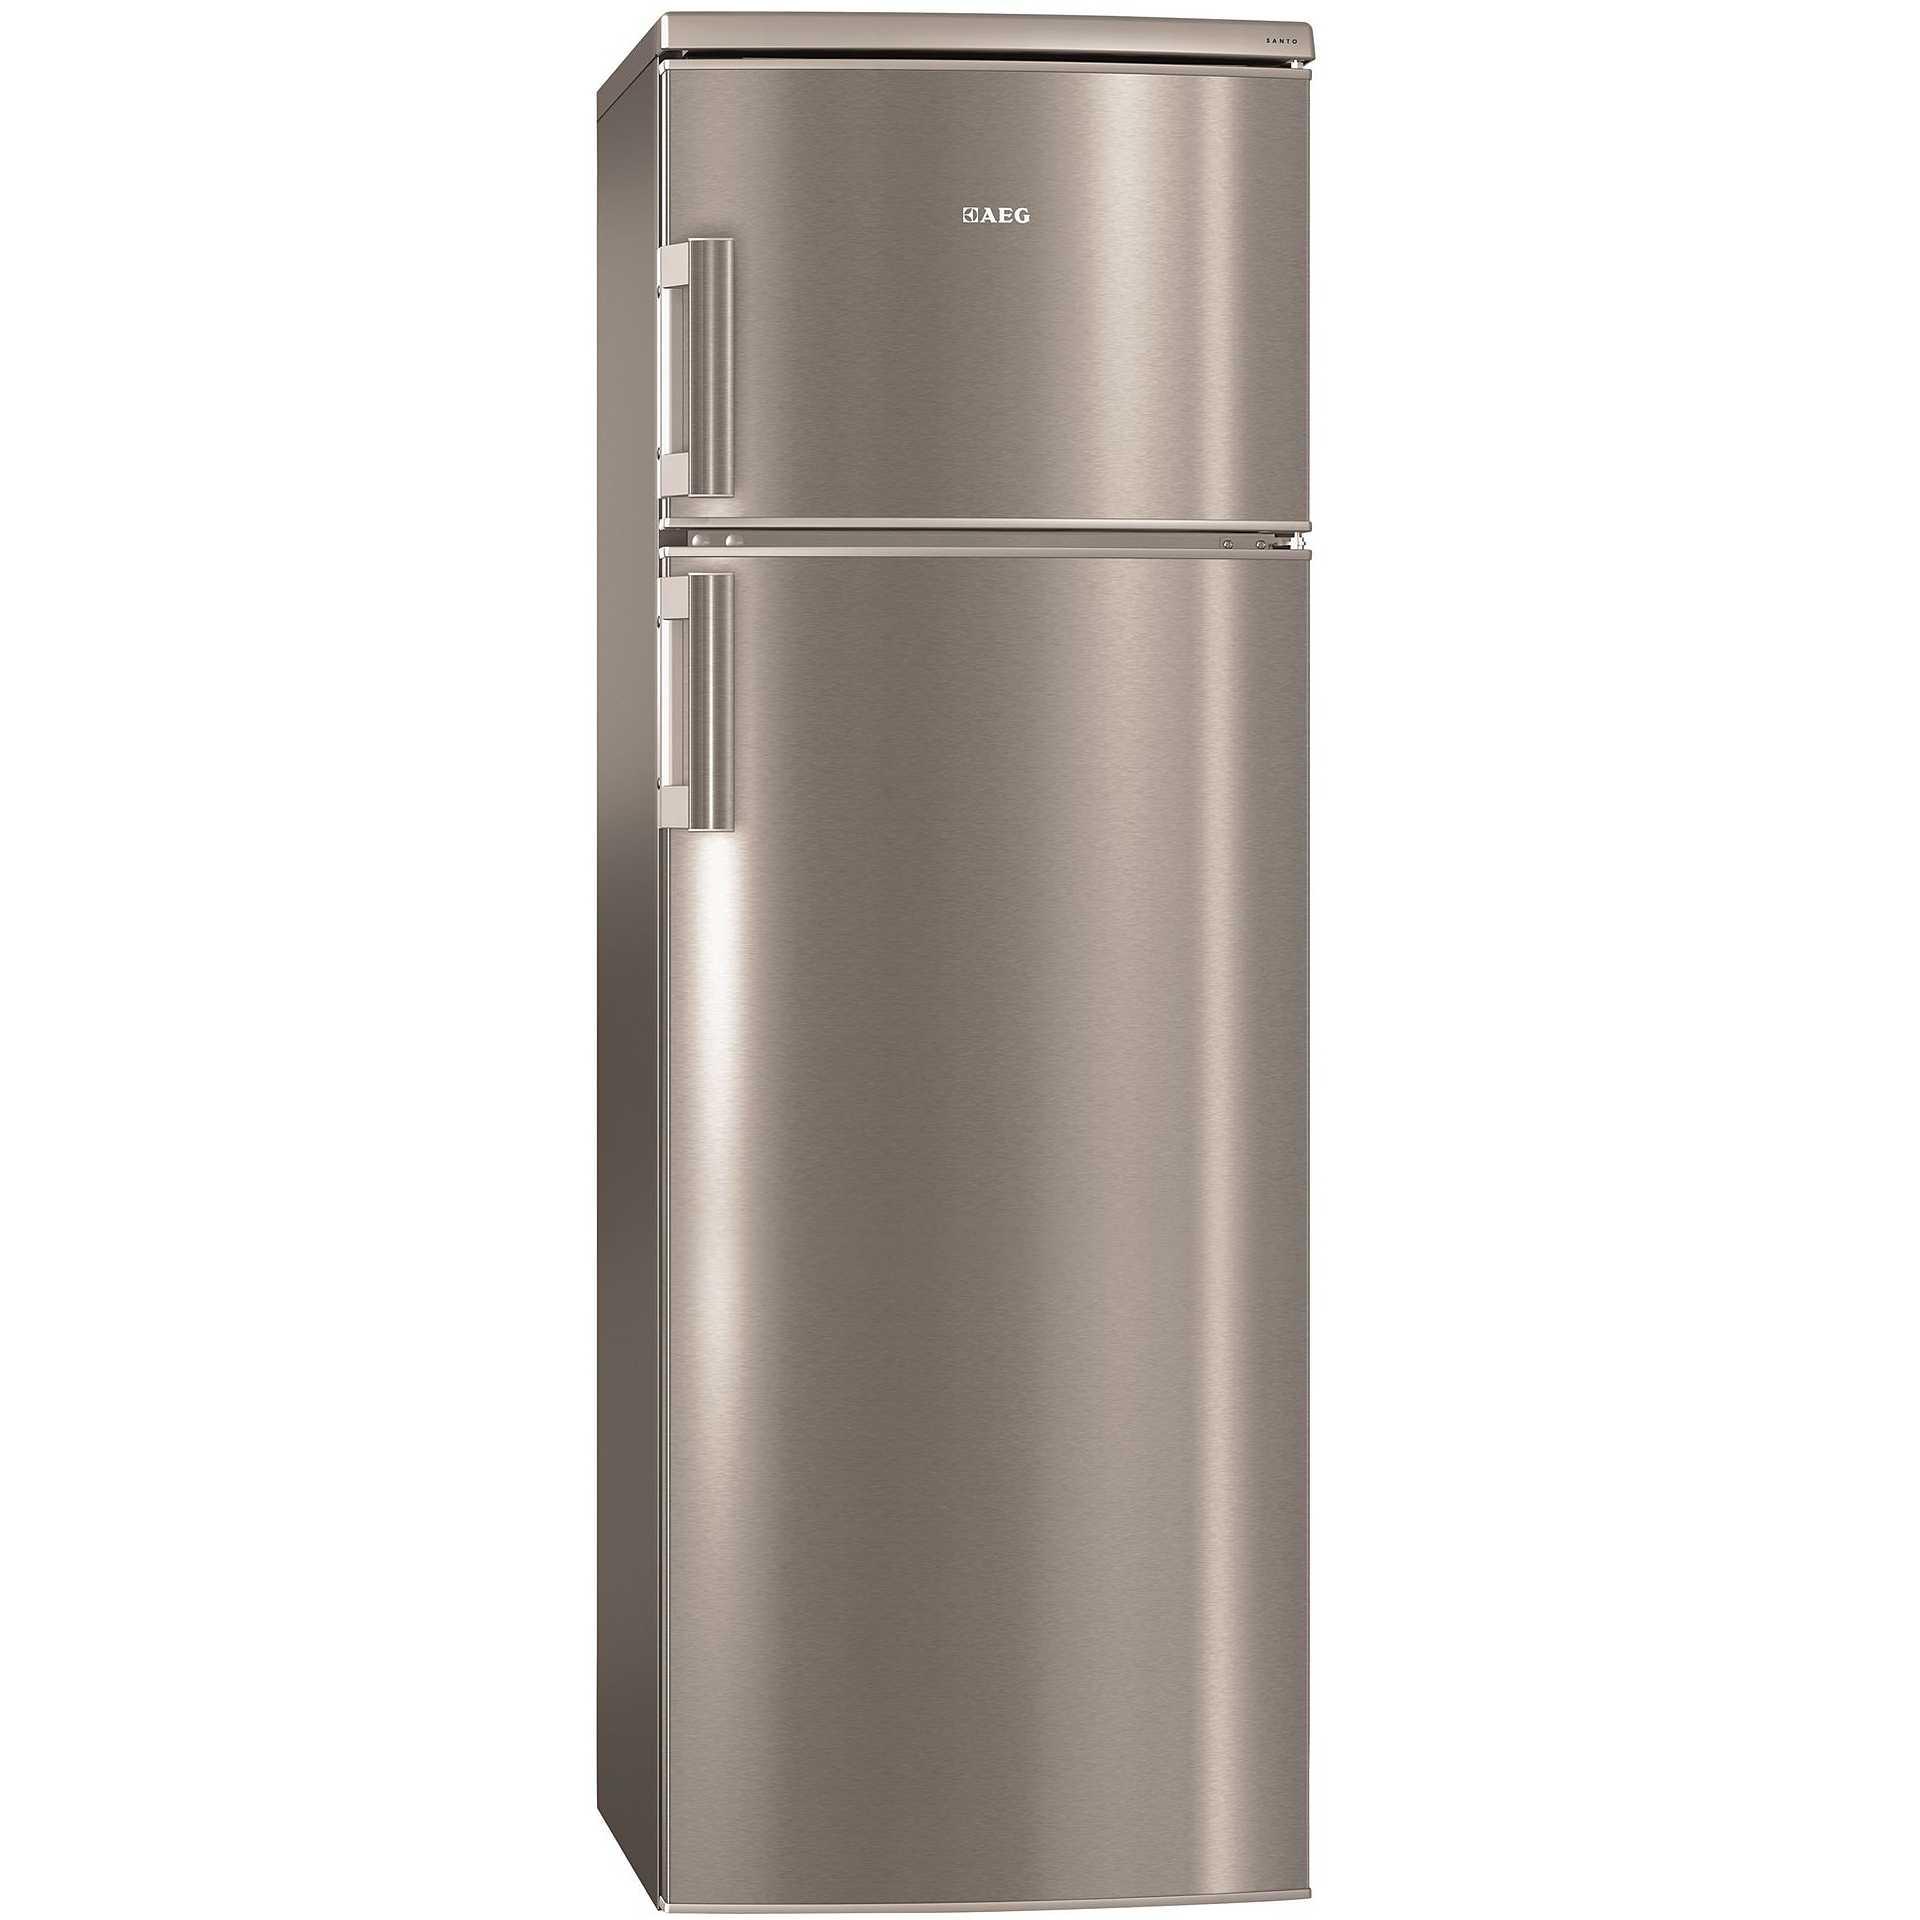 Aeg s72700dsx1 frigorifero doppia porta 270 litri classe - Frigorifero doppia porta ...